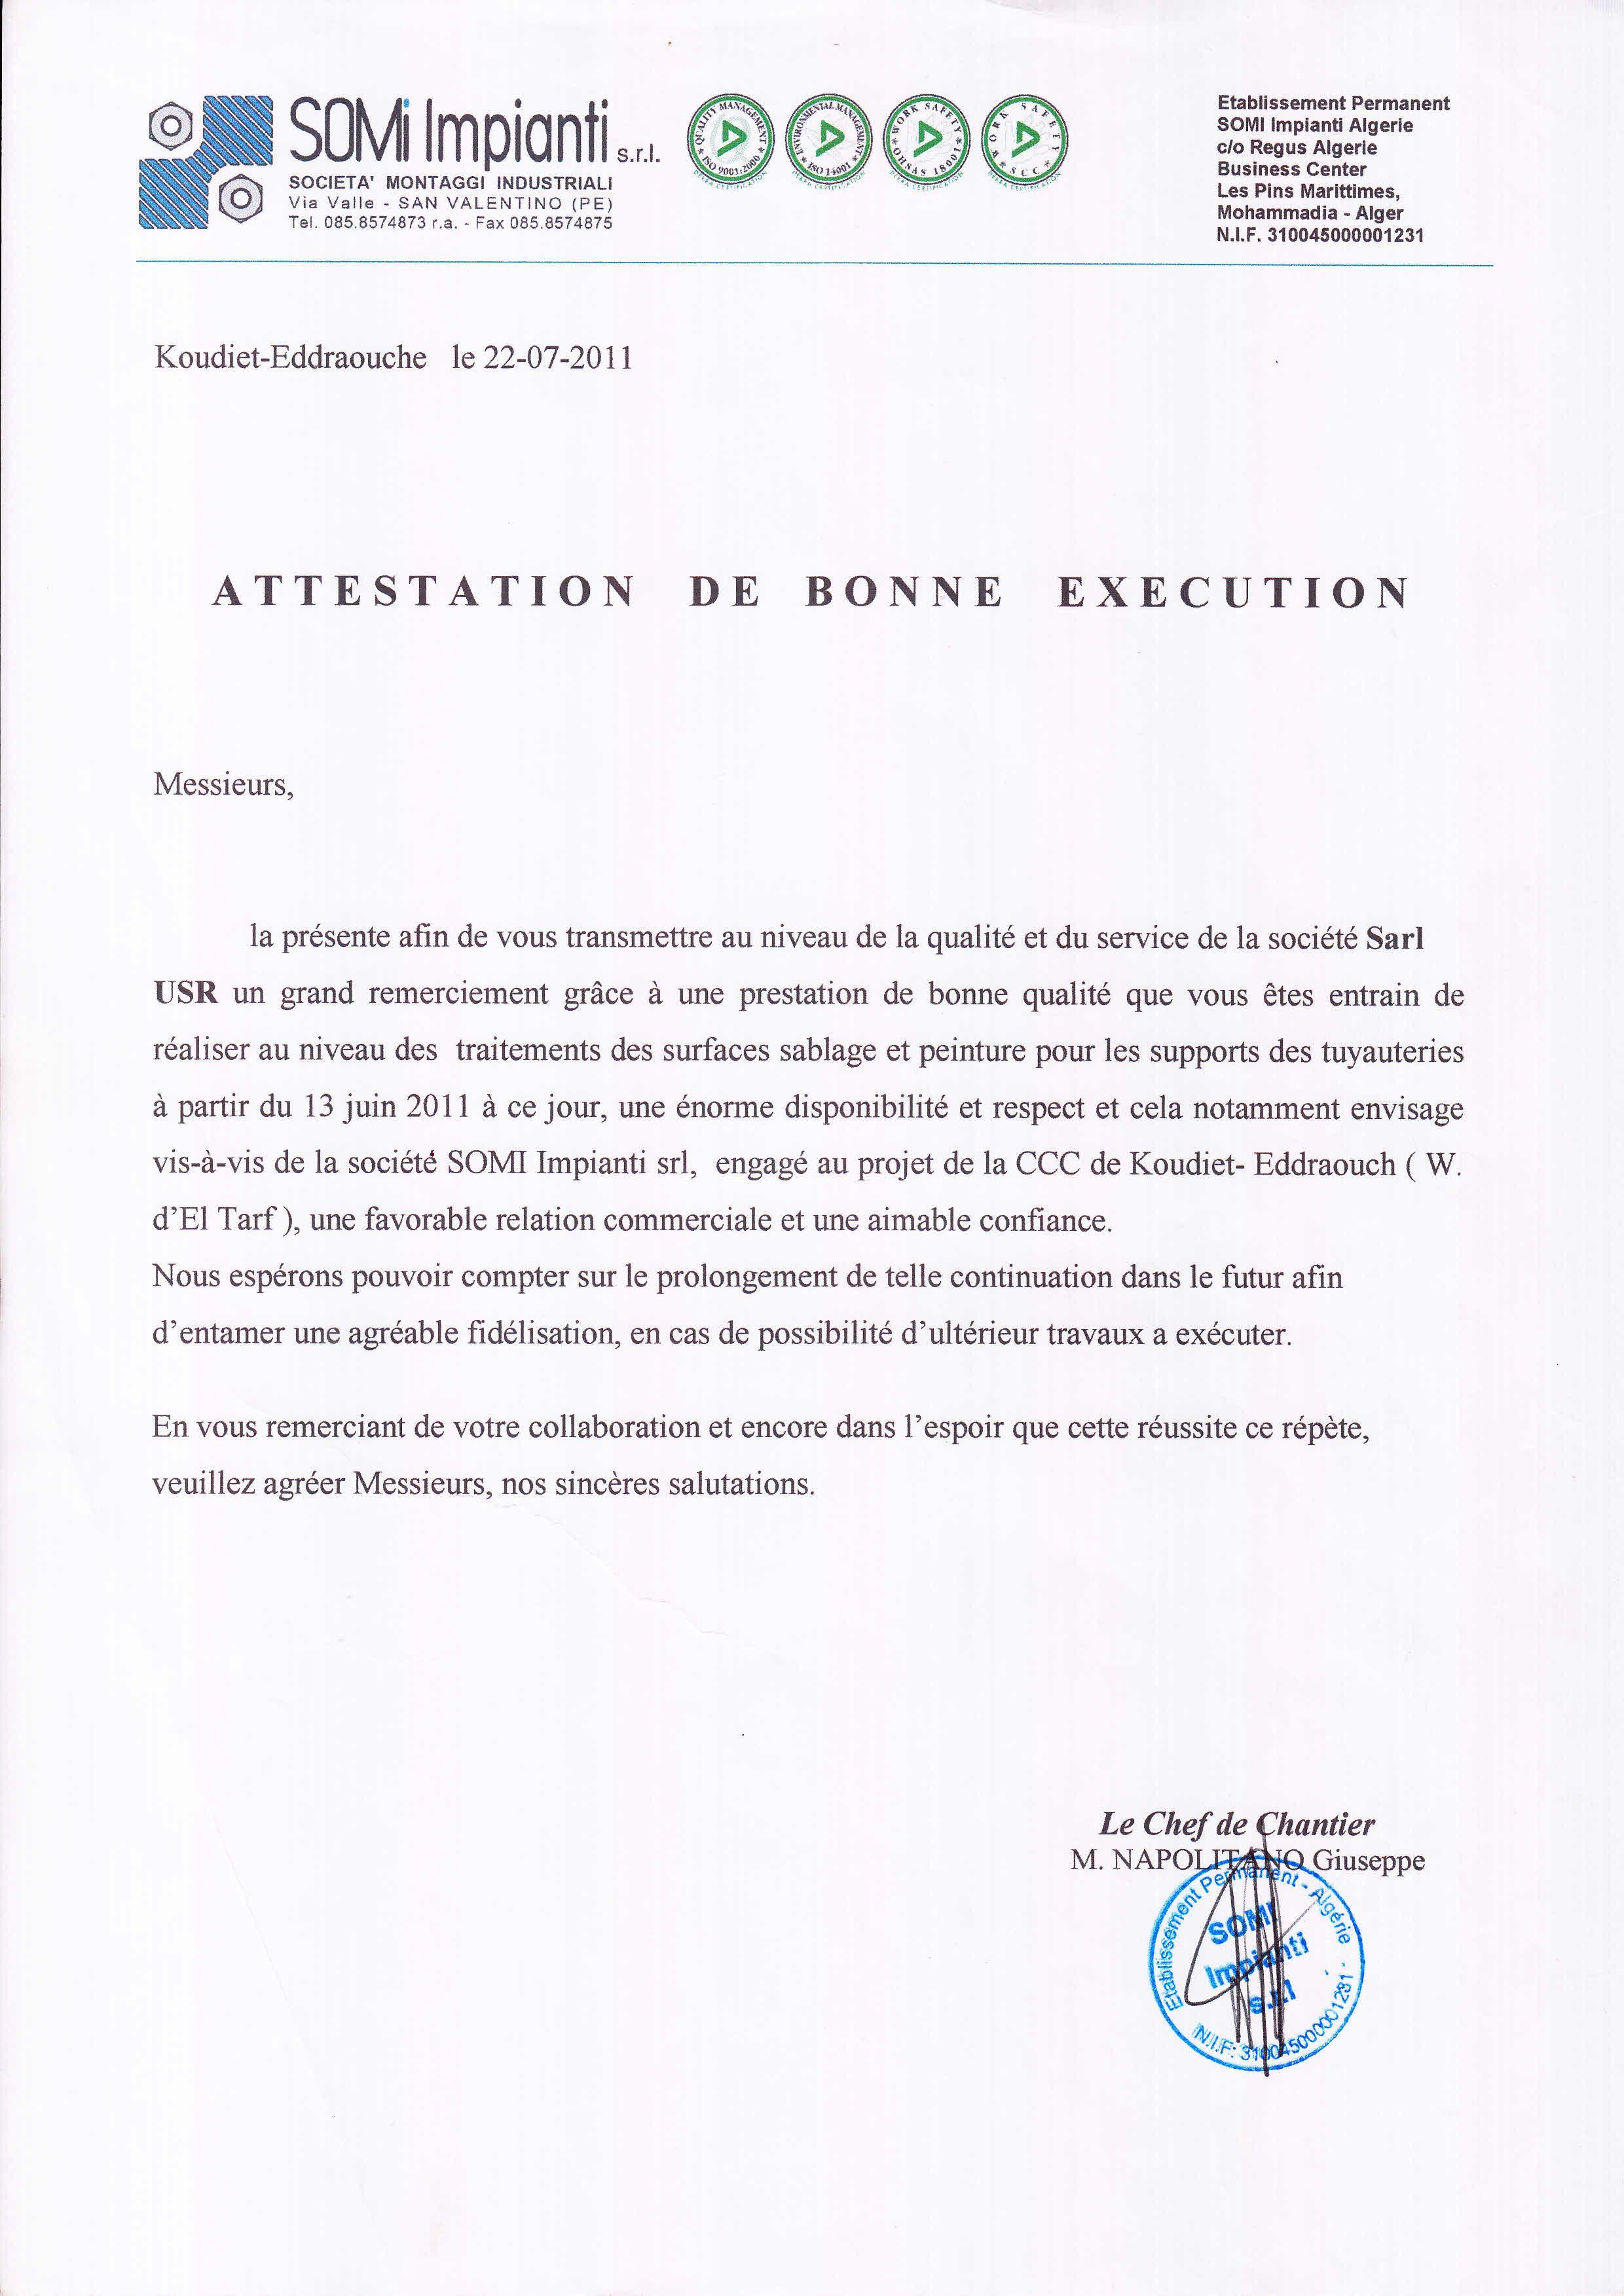 Attestation De Bonne Execution Marches Publics Attestation Execution Modele Attestation